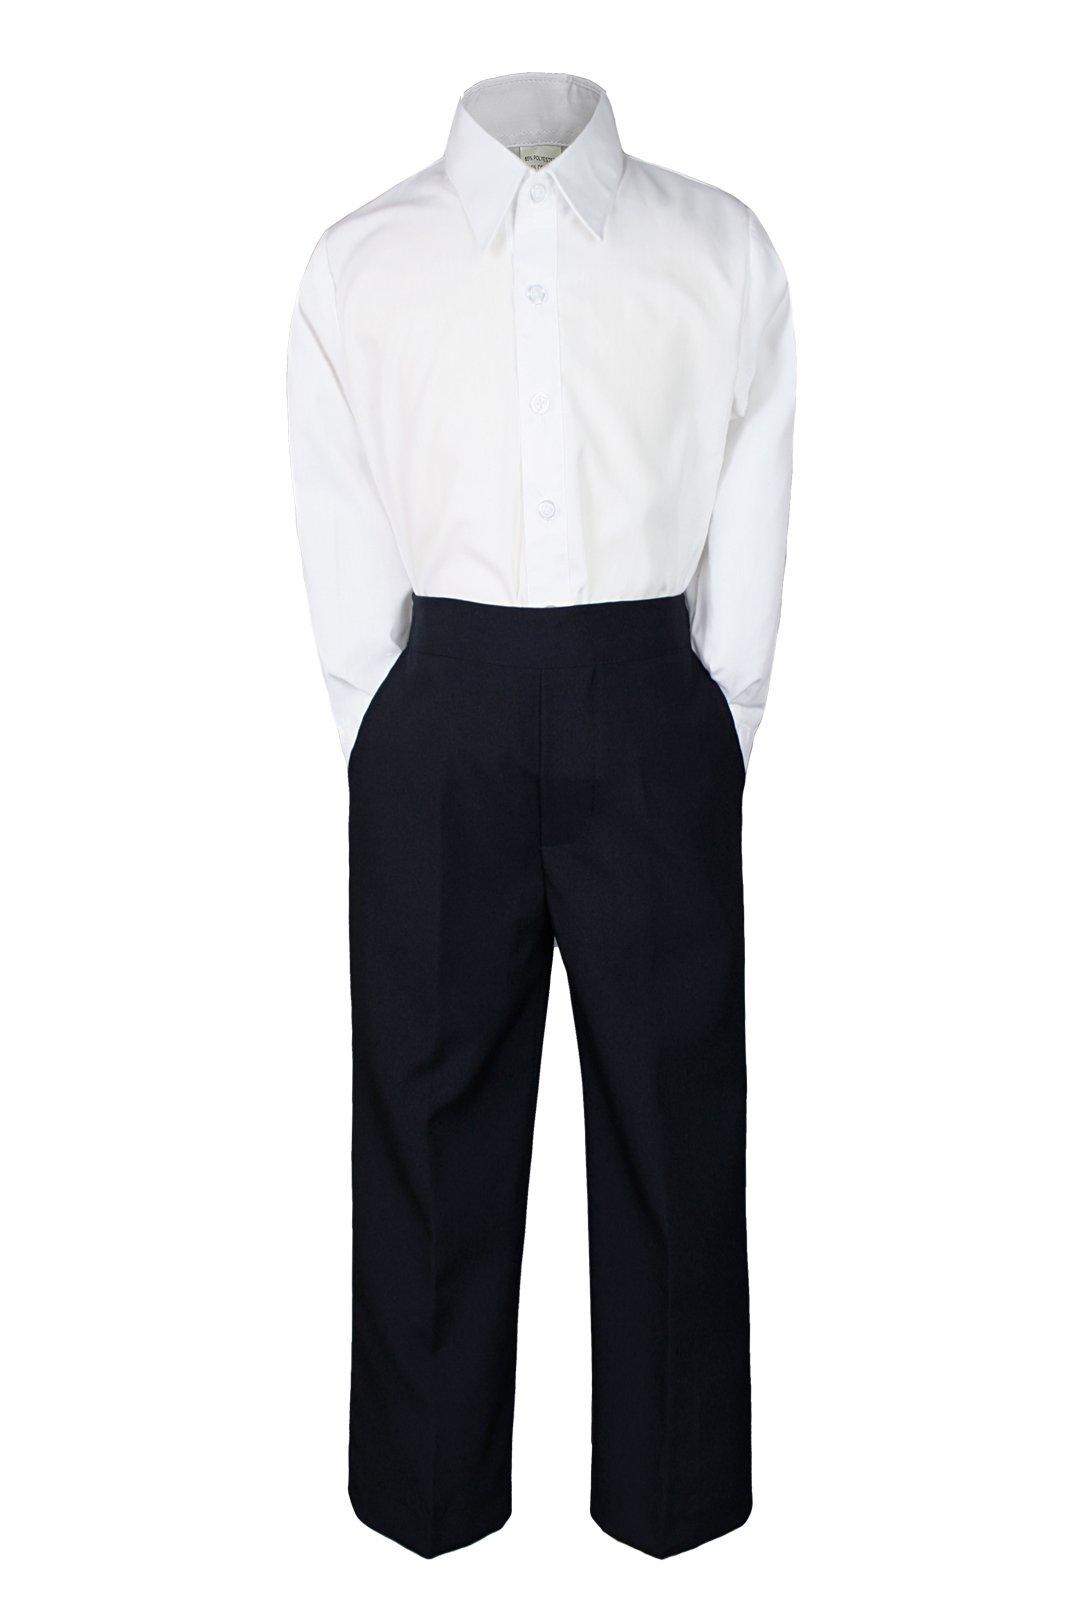 Amazon.com: 2pc Formal Wedding Boys White Shirt Black